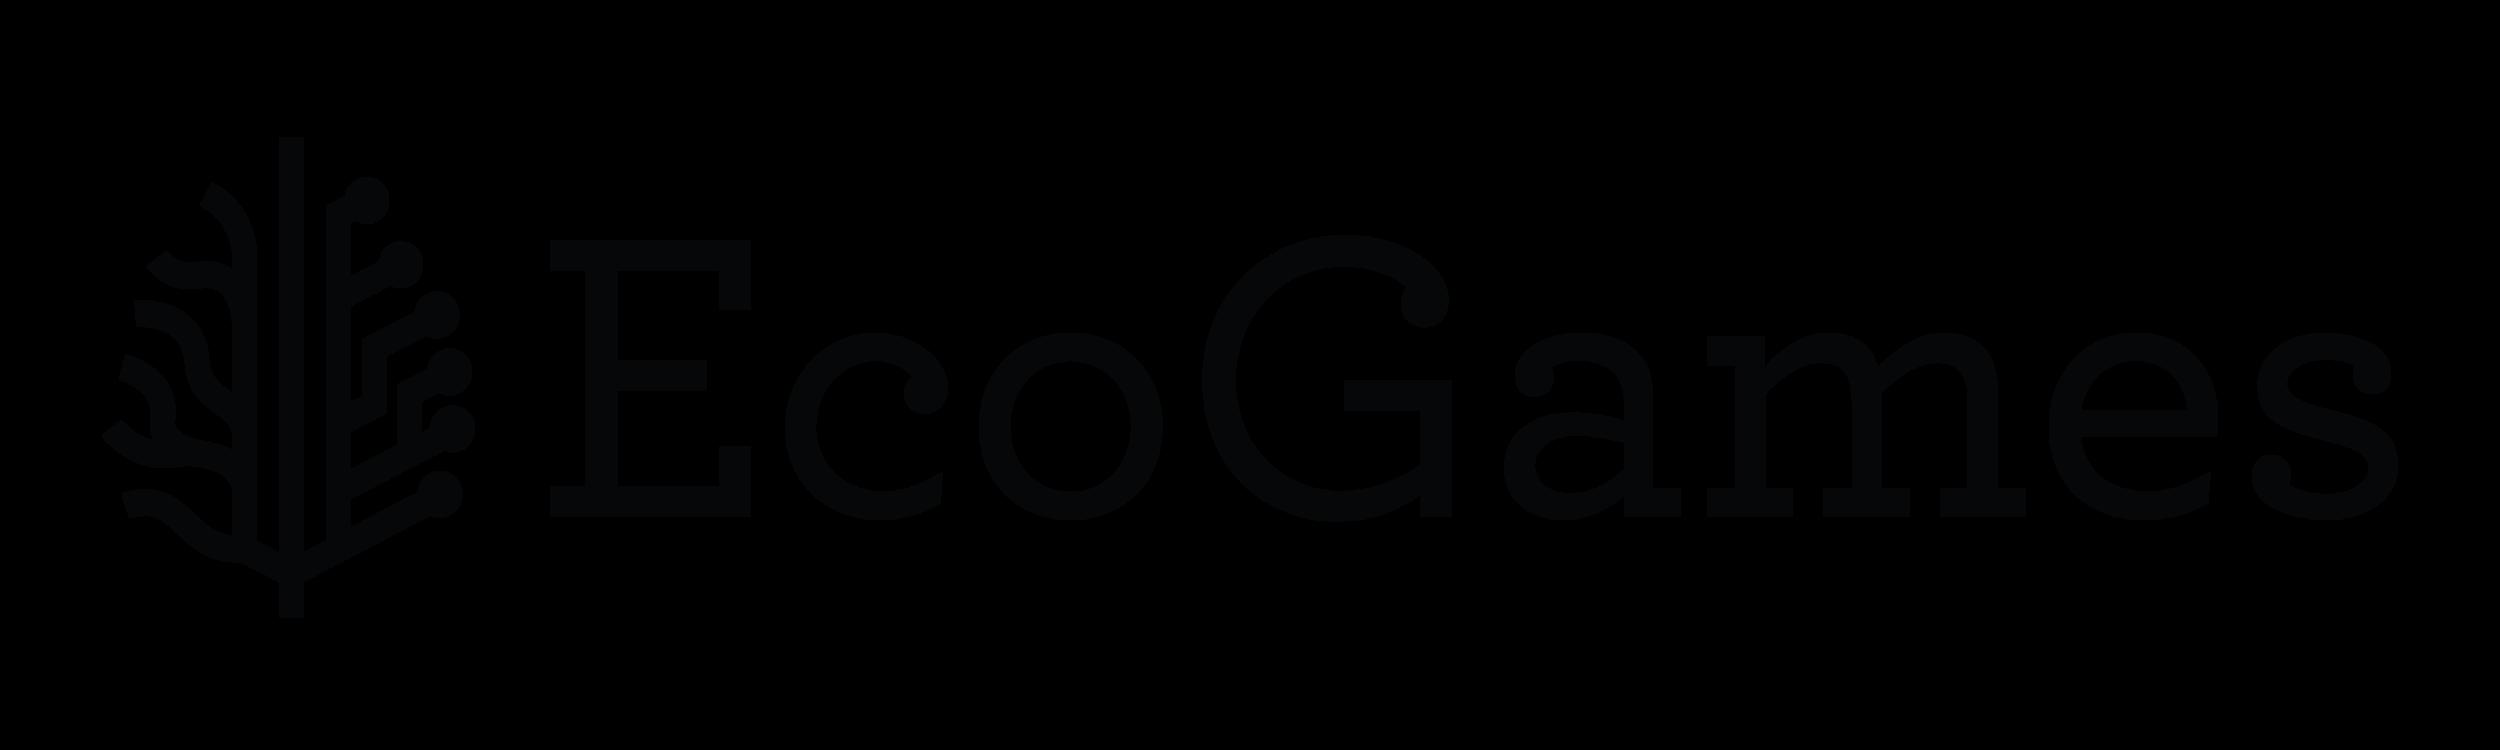 Ecogames_Primary_Black_TBG.png